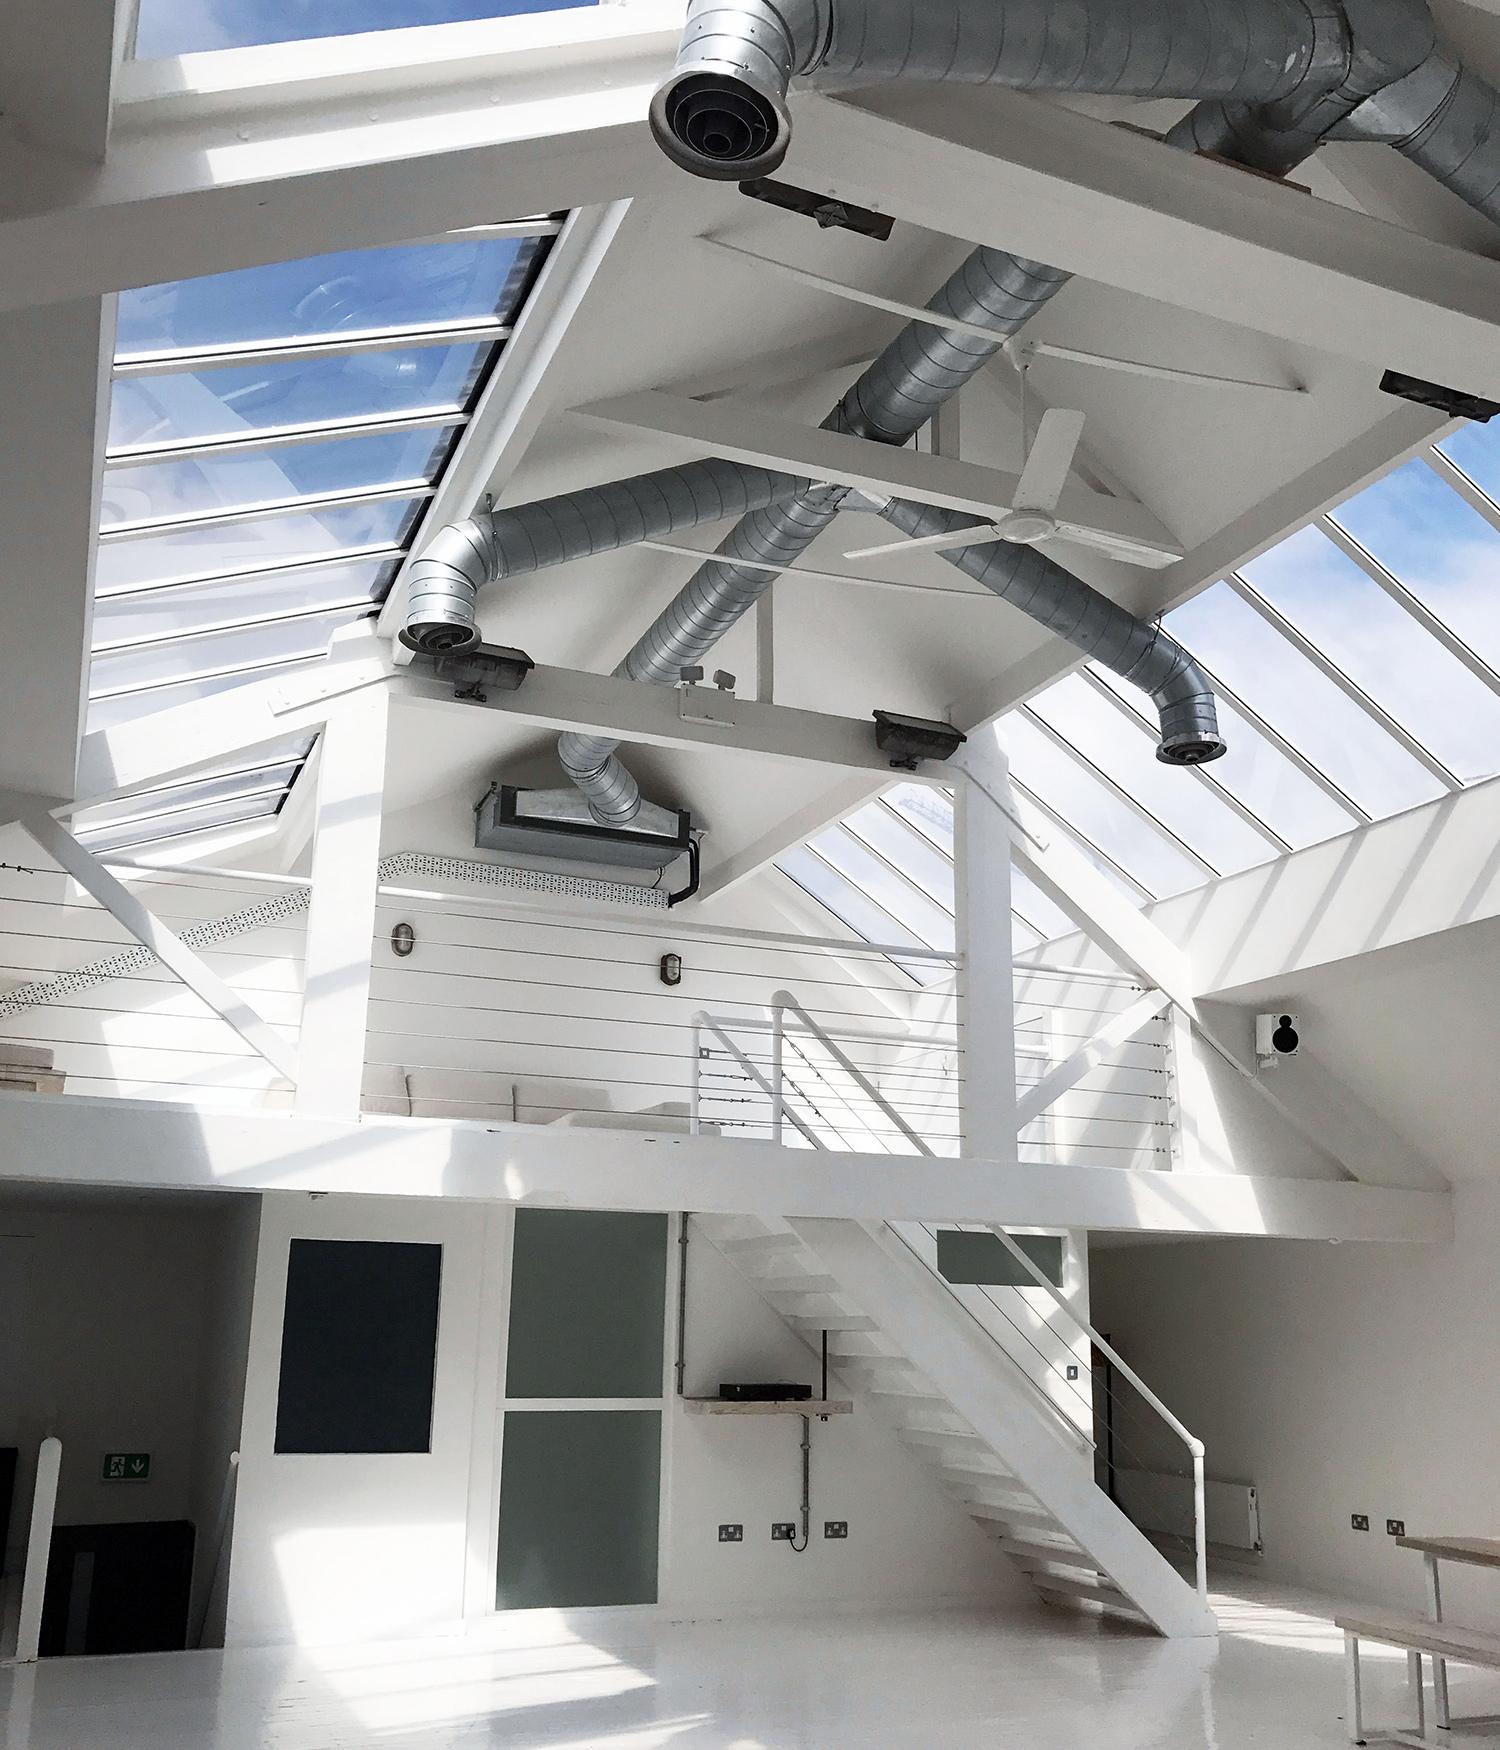 fivefourstudios skylights